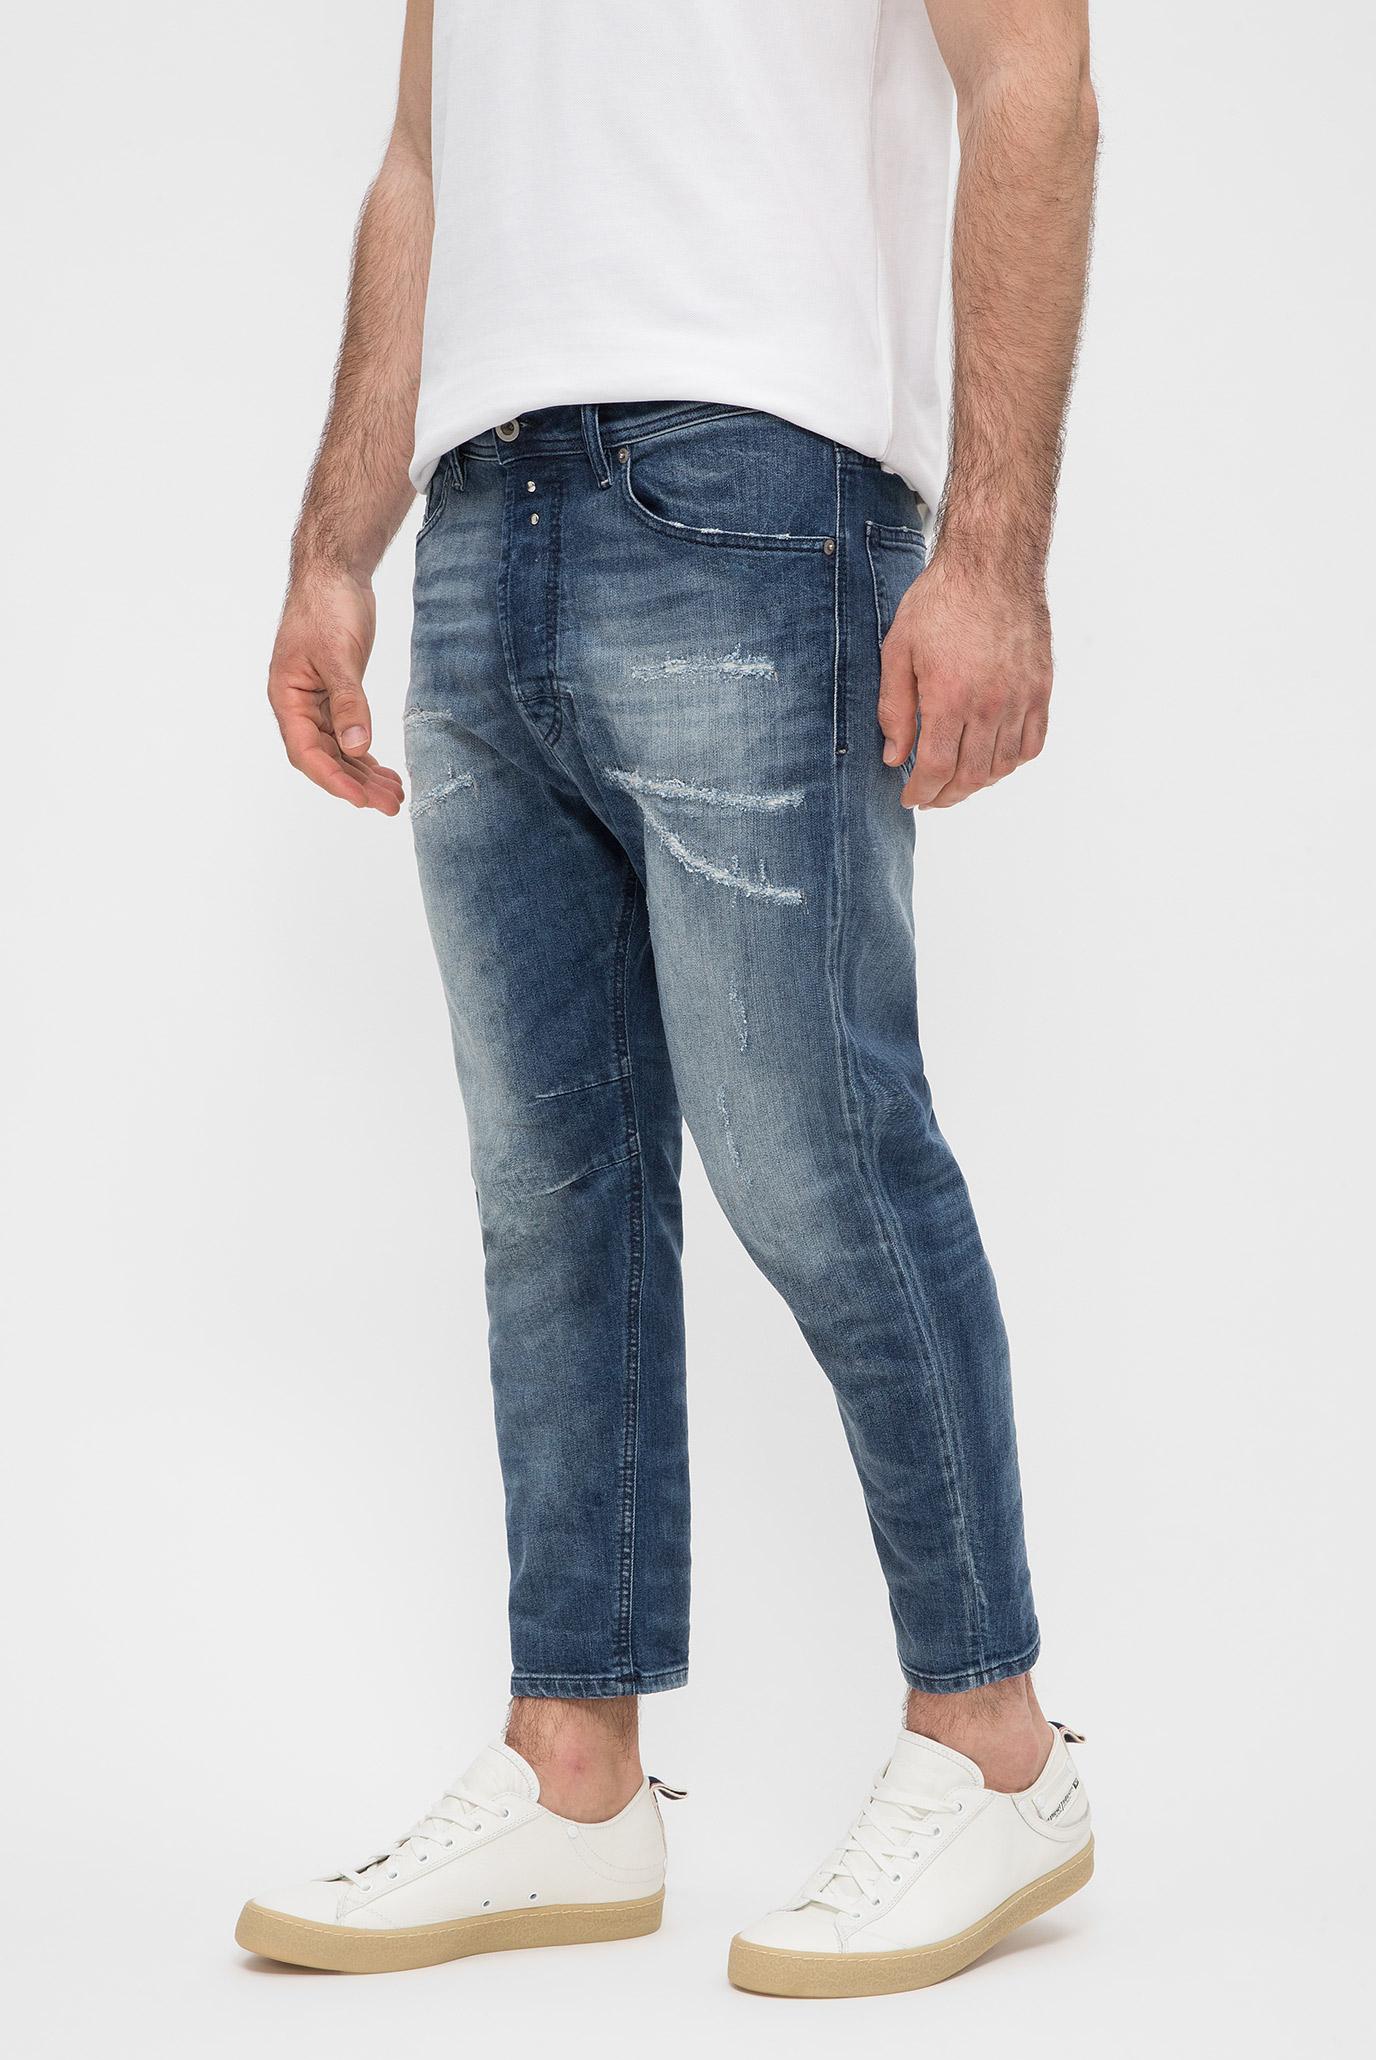 Купить Мужские синие джинсы NARROT Diesel Diesel 00CKTZ 084QW – Киев, Украина. Цены в интернет магазине MD Fashion